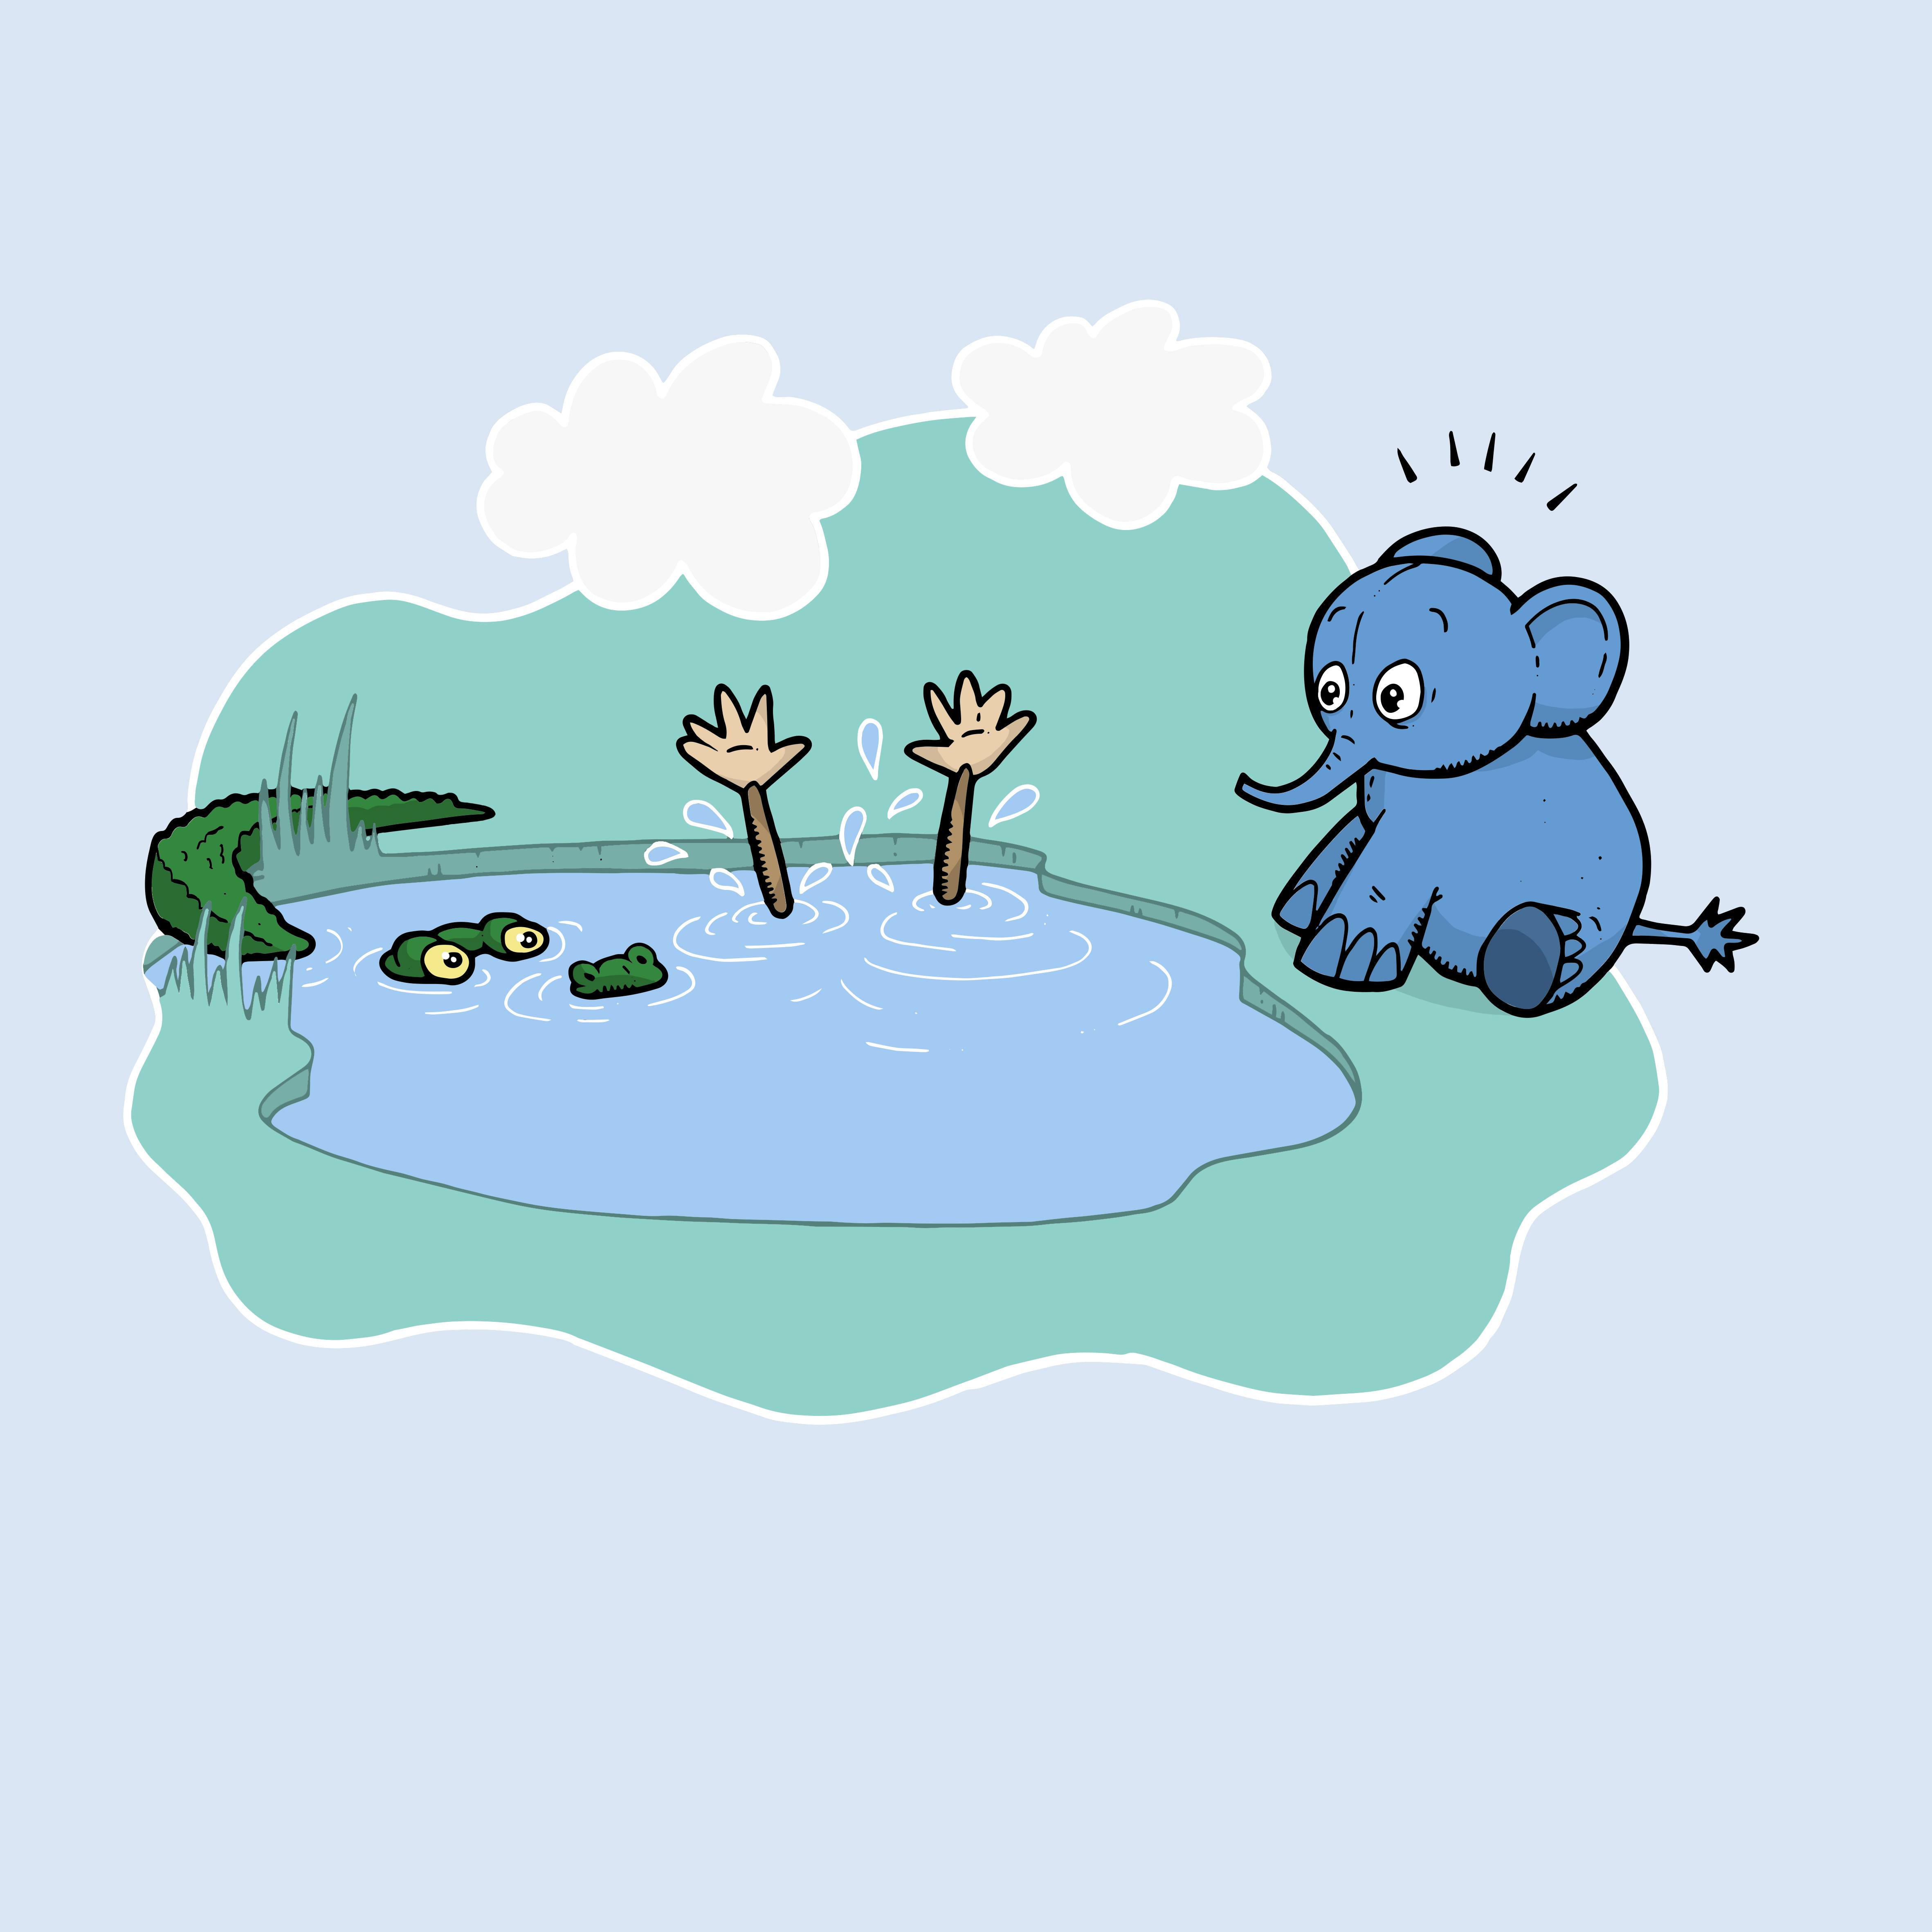 krokodille i vannet